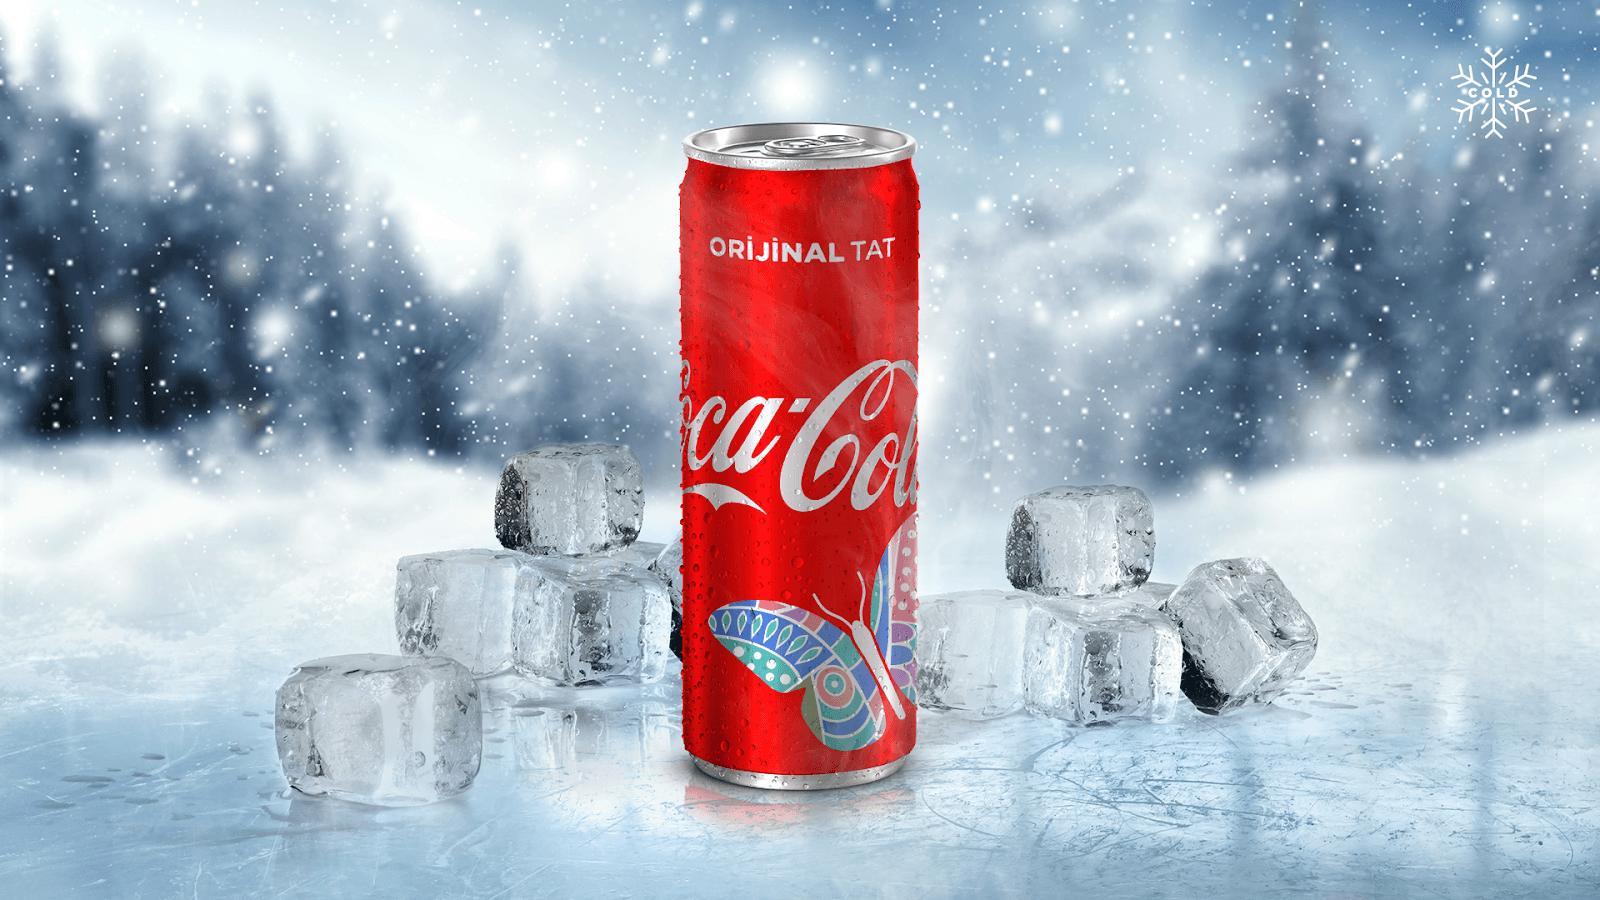 thermocans07 - Coca-Cola přináší vyletněné termo plechovky